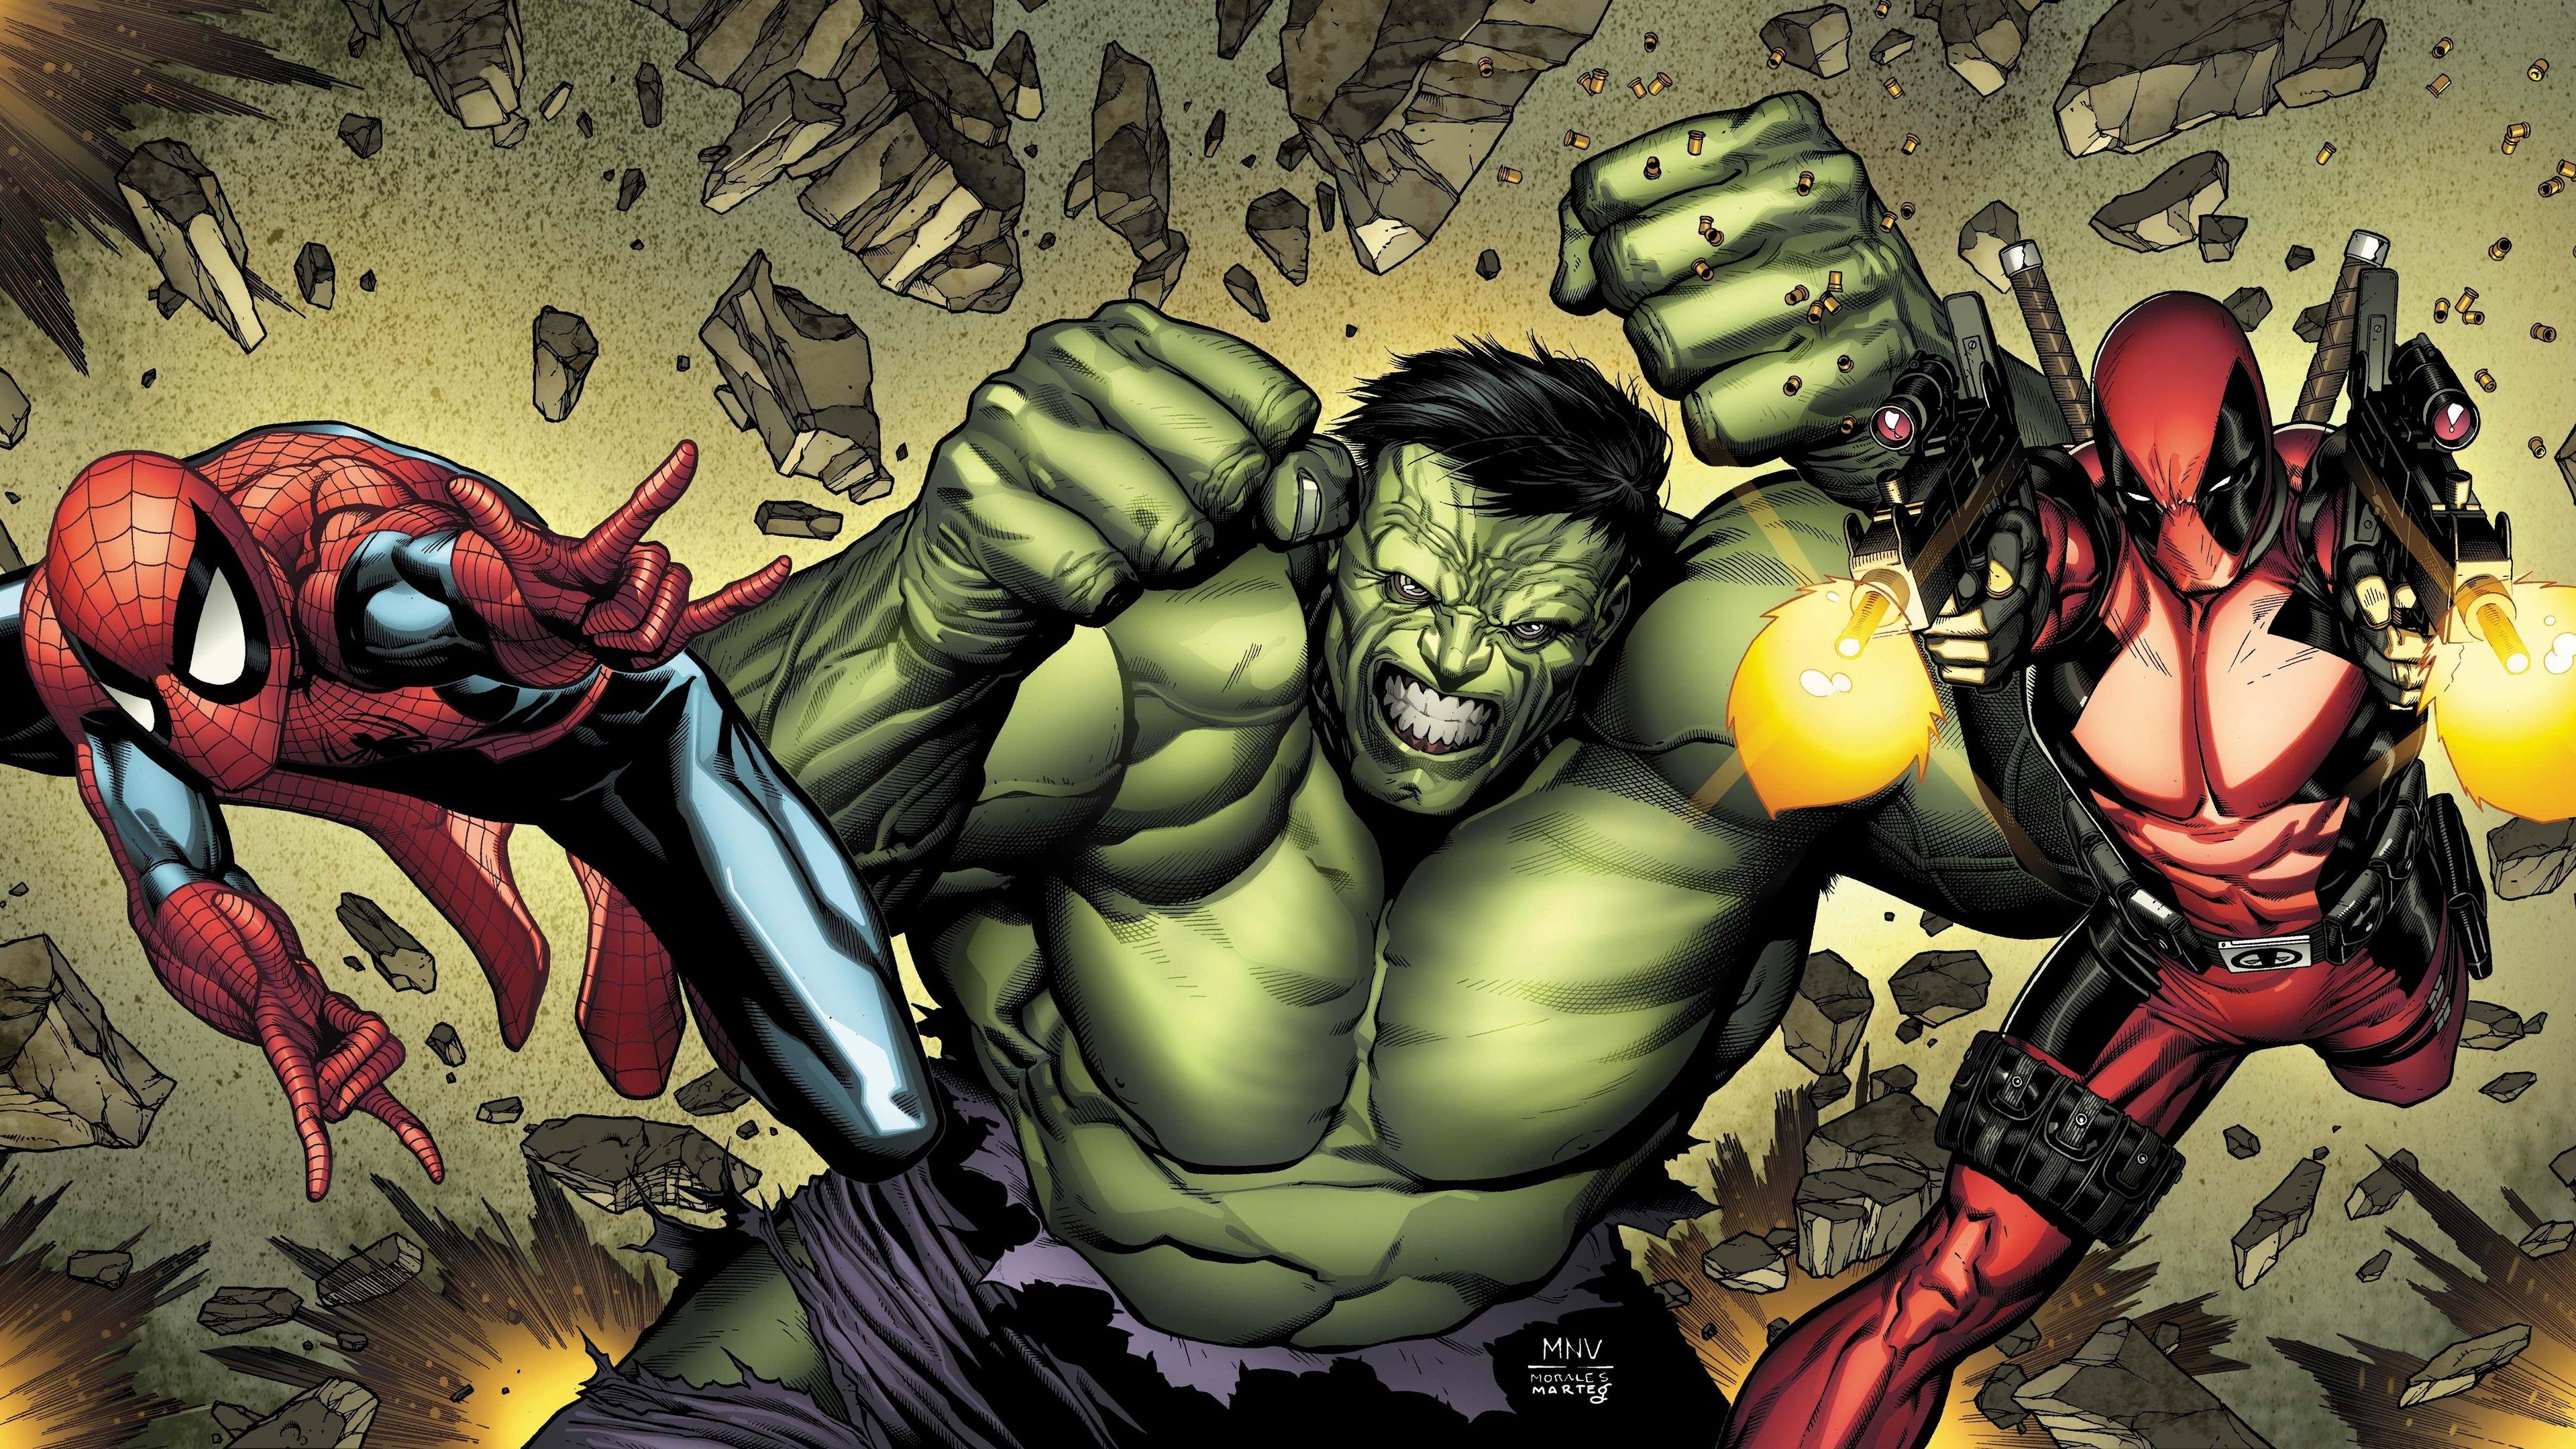 deadpool hulk spiderman art 1536522797 - Deadpool Hulk Spiderman Art - superheroes wallpapers, spiderman wallpapers, hulk wallpapers, hd-wallpapers, digital art wallpapers, deadpool wallpapers, artwork wallpapers, 5k wallpapers, 4k-wallpapers